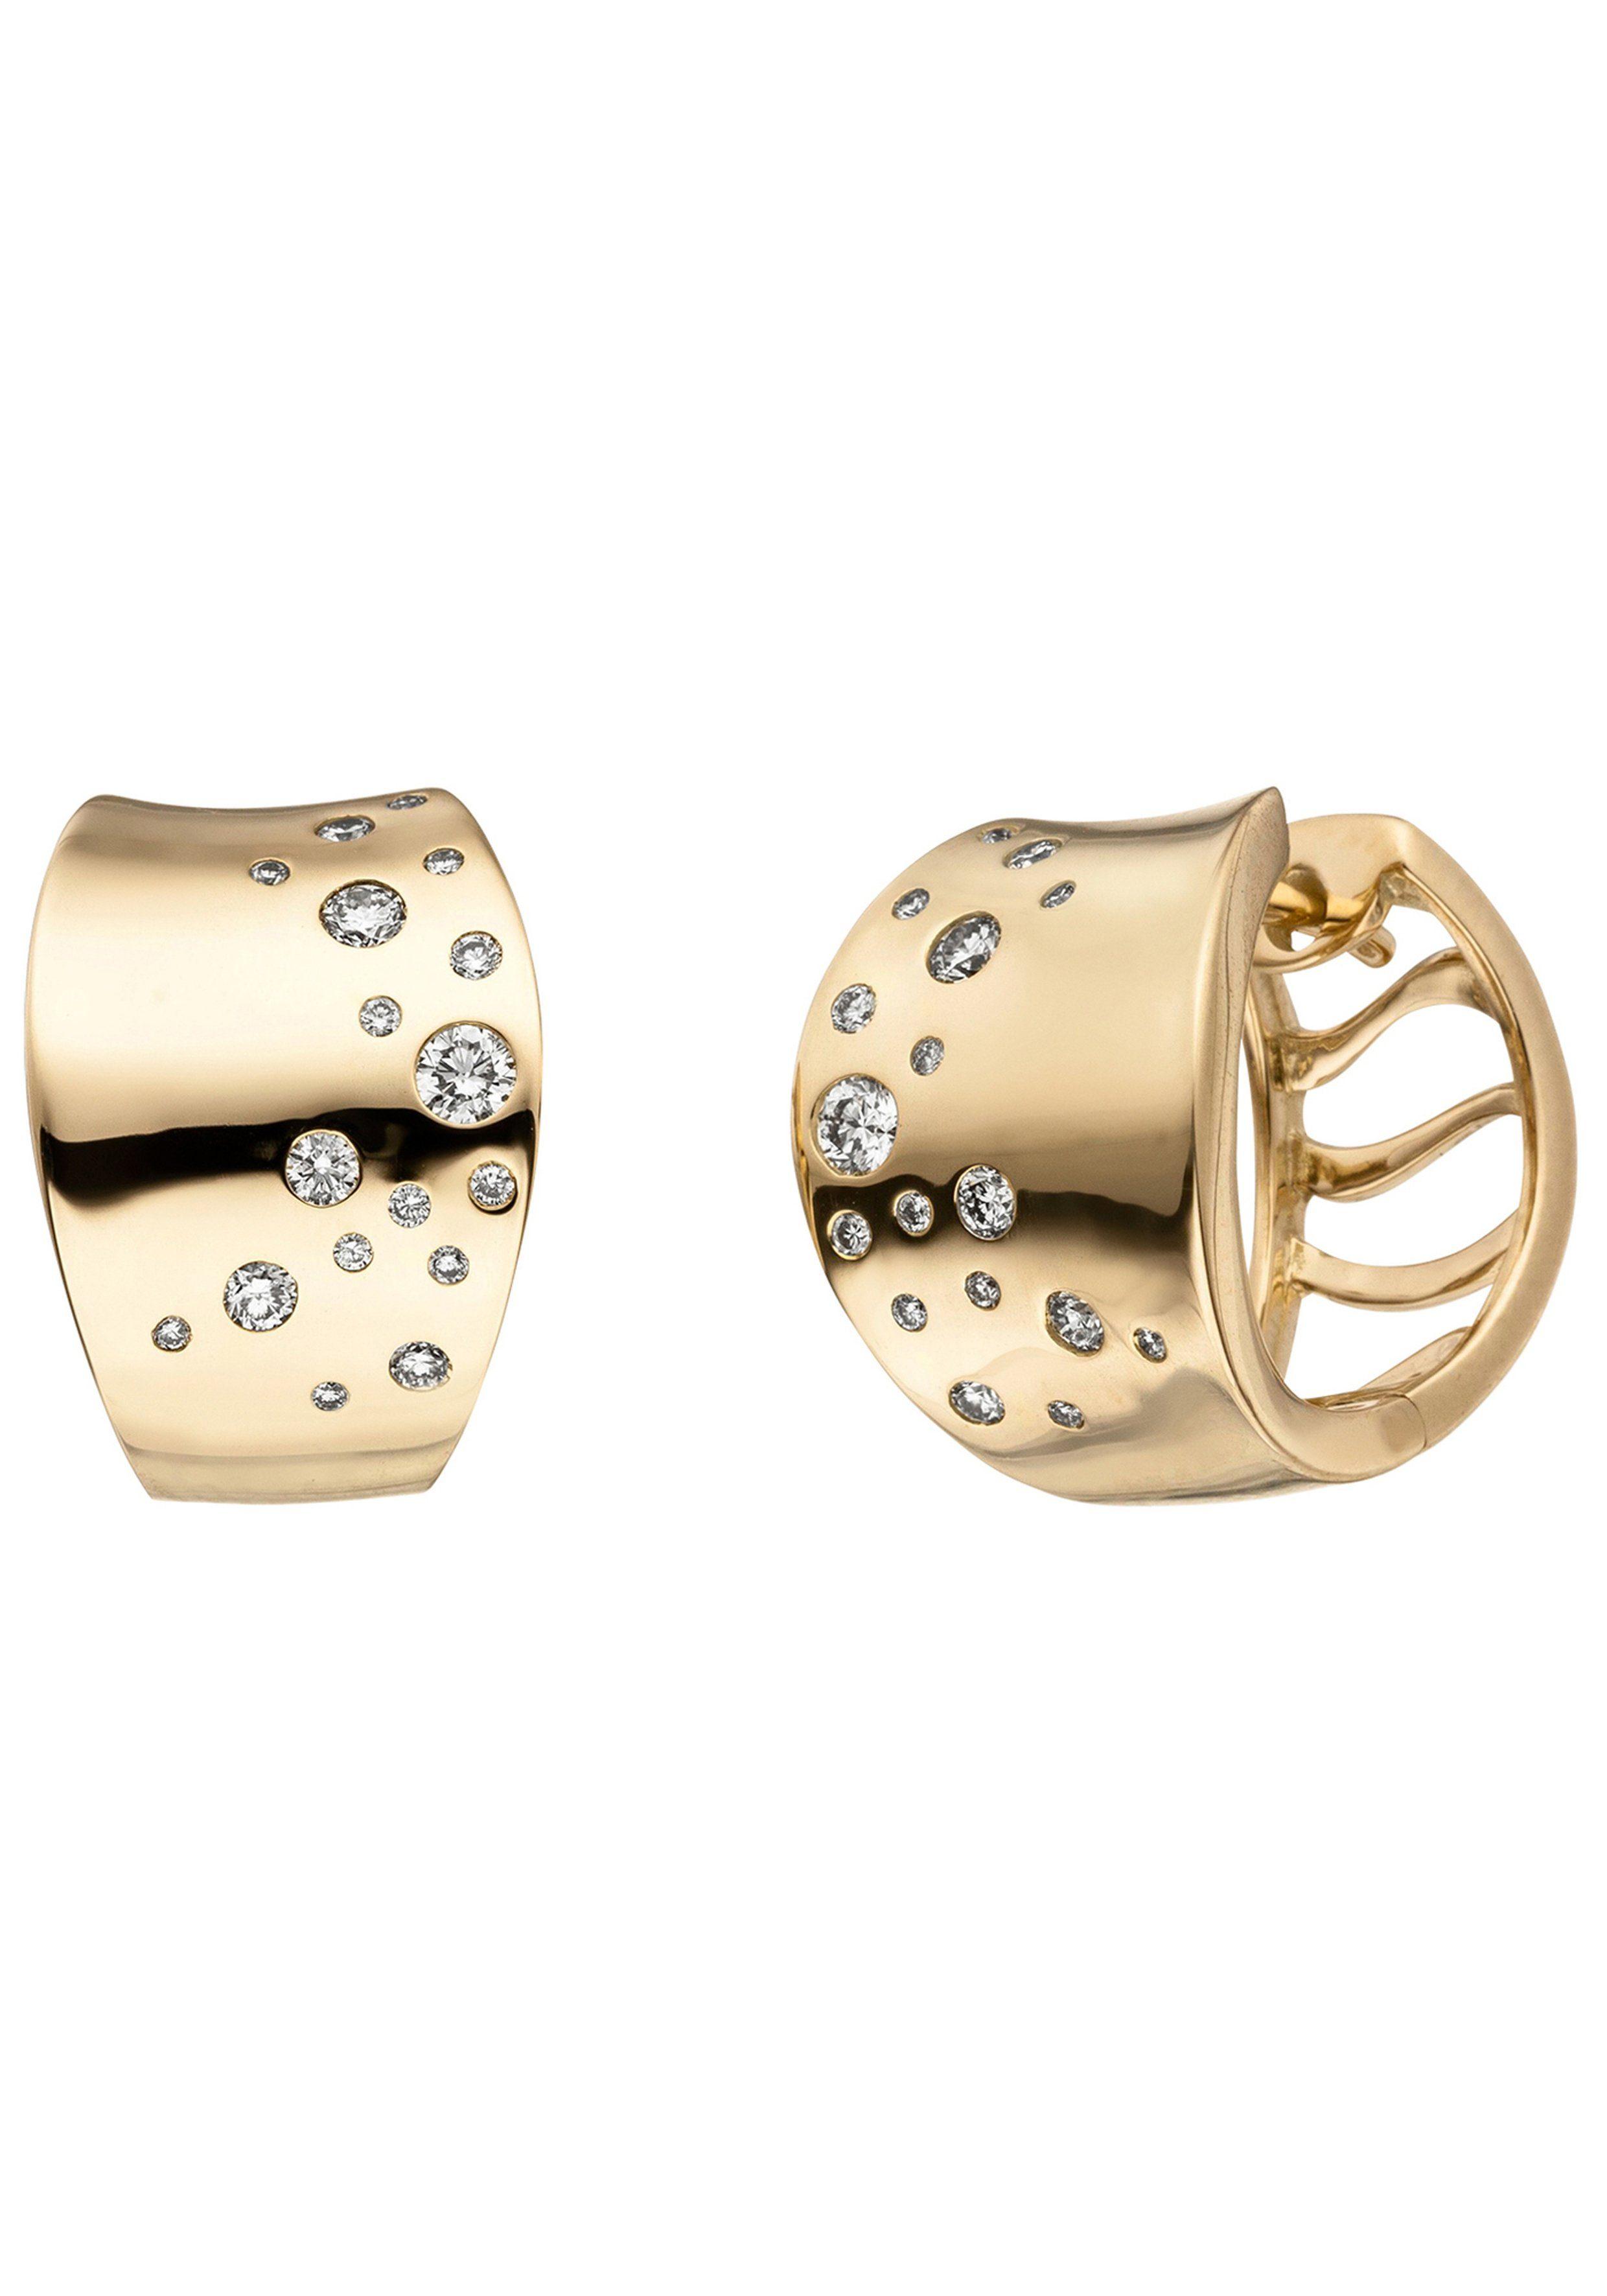 JOBO Paar Creolen 585 Gold mit 34 Diamanten